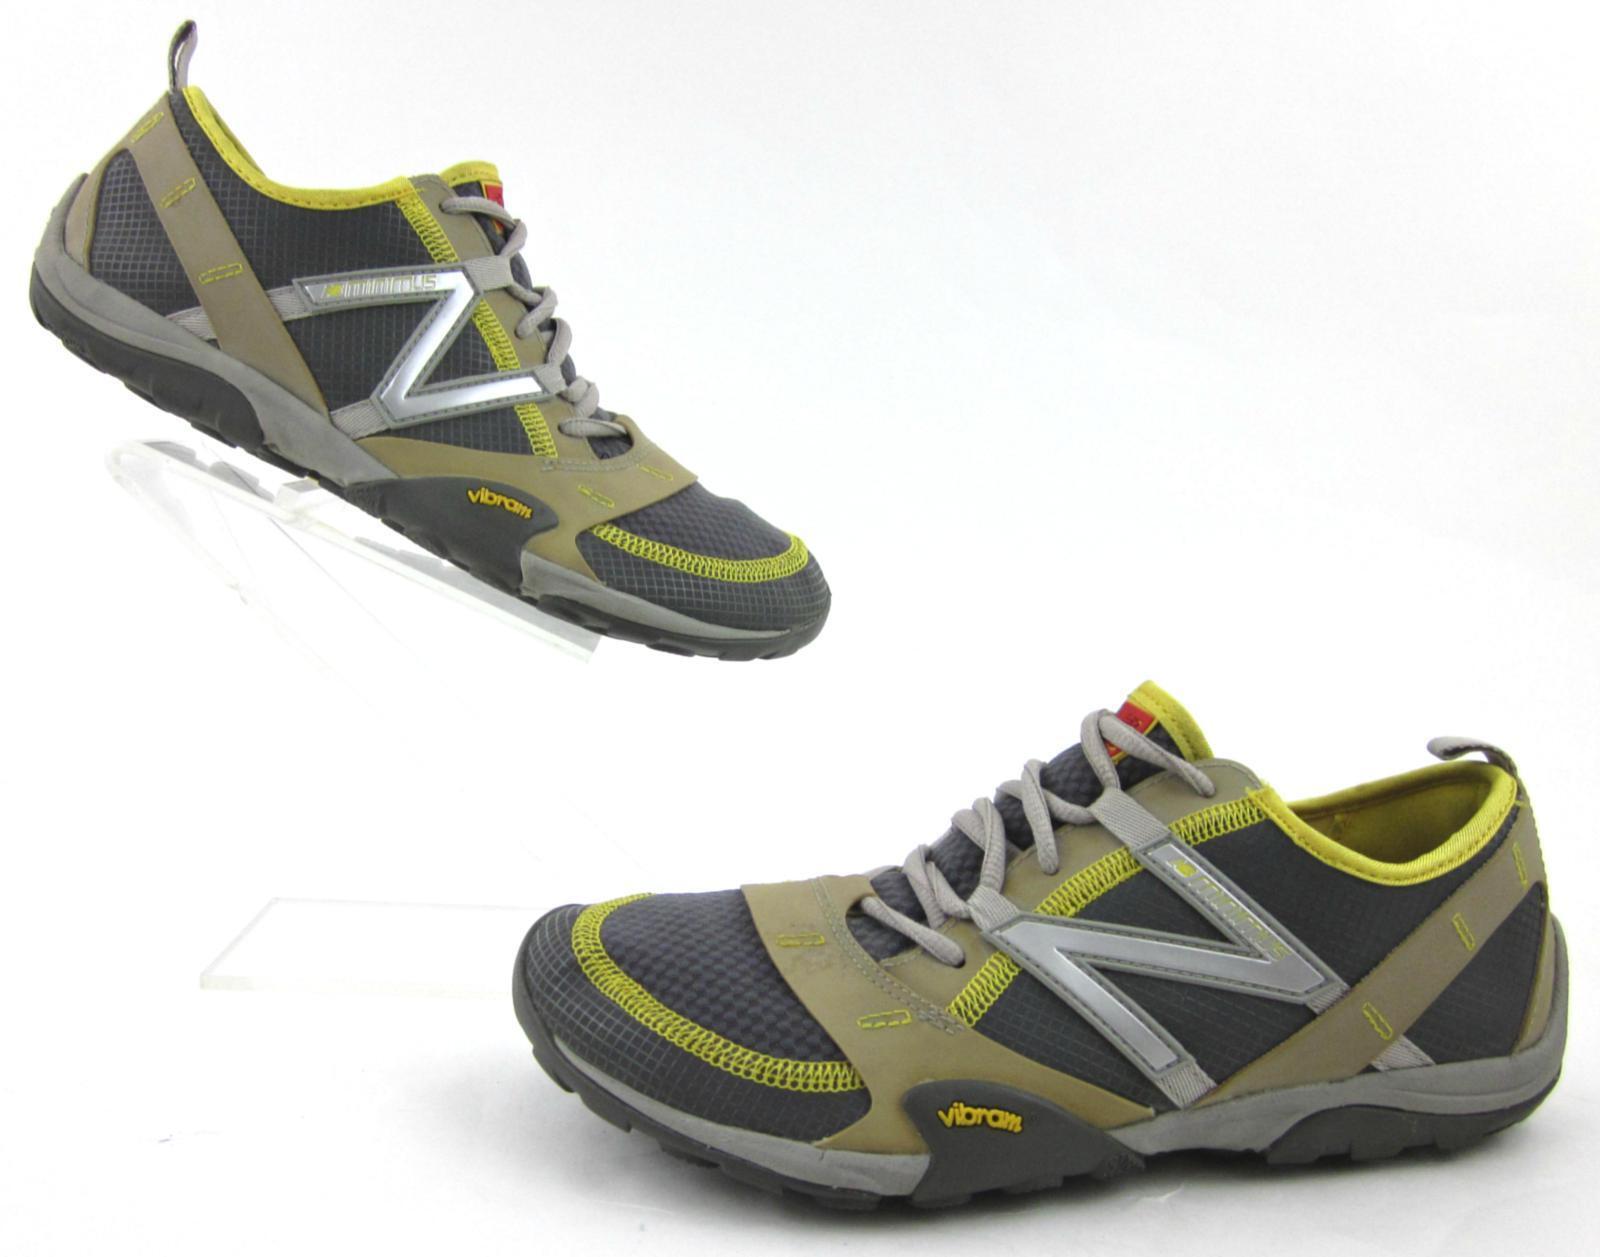 New Balance Minimus Running Trail Zapatos gris suelas Vibram Amarillo Amarillo Amarillo Bronceado 9B EE. UU.  a la venta